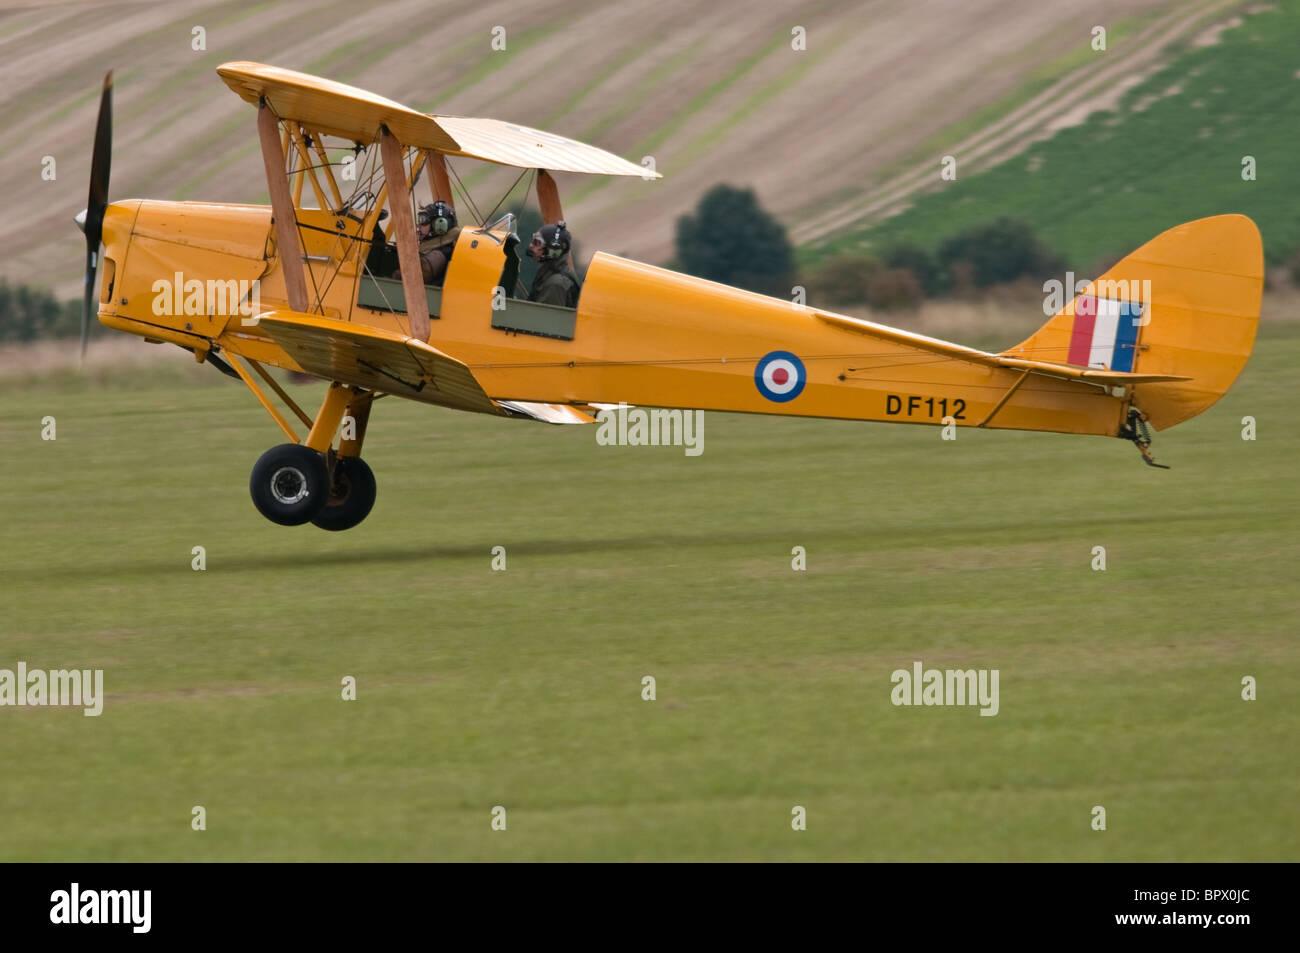 De Havilland DH 82 Tiger Moth in atterraggio a Duxford Immagini Stock